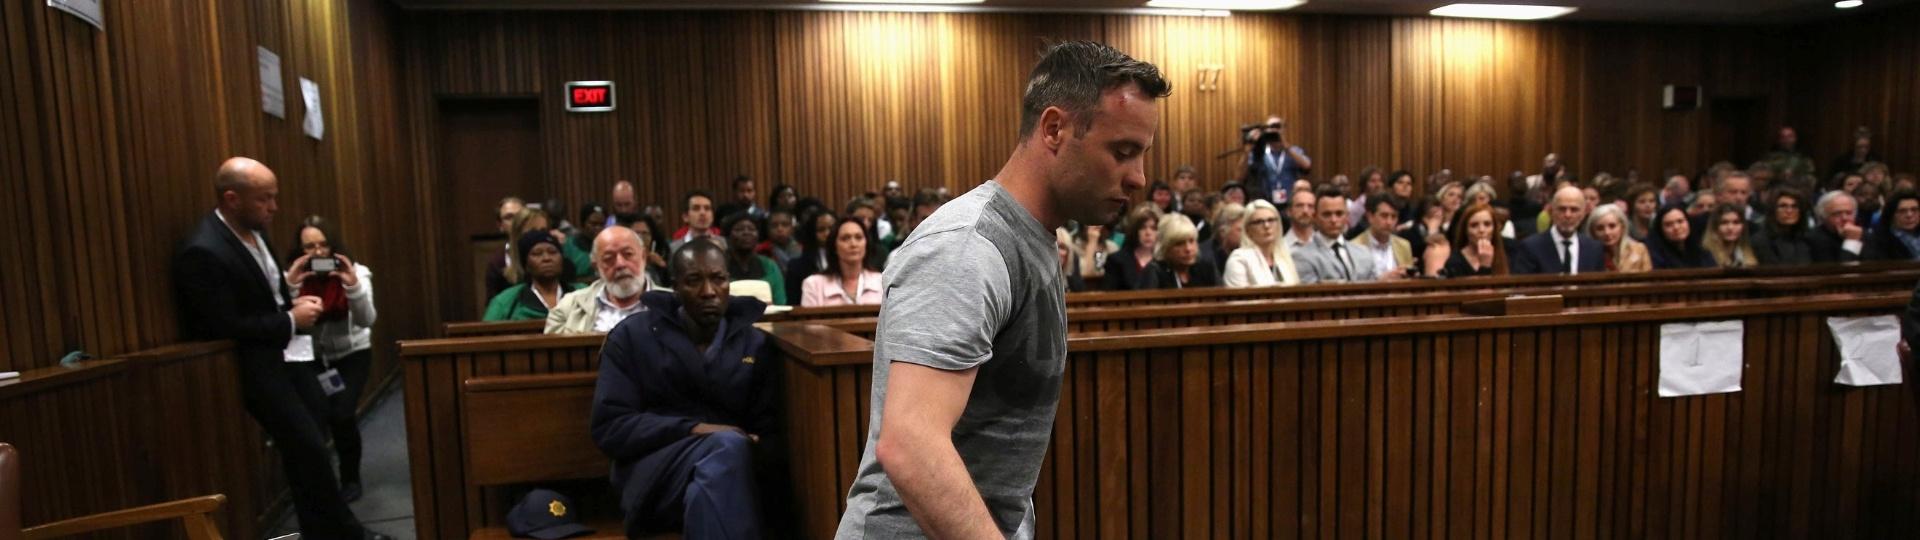 15.jun.2016 - O campeão paralímpico sul-africano Oscar Pistorius retirou as próteses das pernas para pedir clemência ao juiz Thokozile Masipa durante audiência em Pretória que vai determinar sua pena pelo assassinato da namorada. O crime aconteceu em fevereiro de 2013. Pistorius já havia sido considerado culpado pelo caso